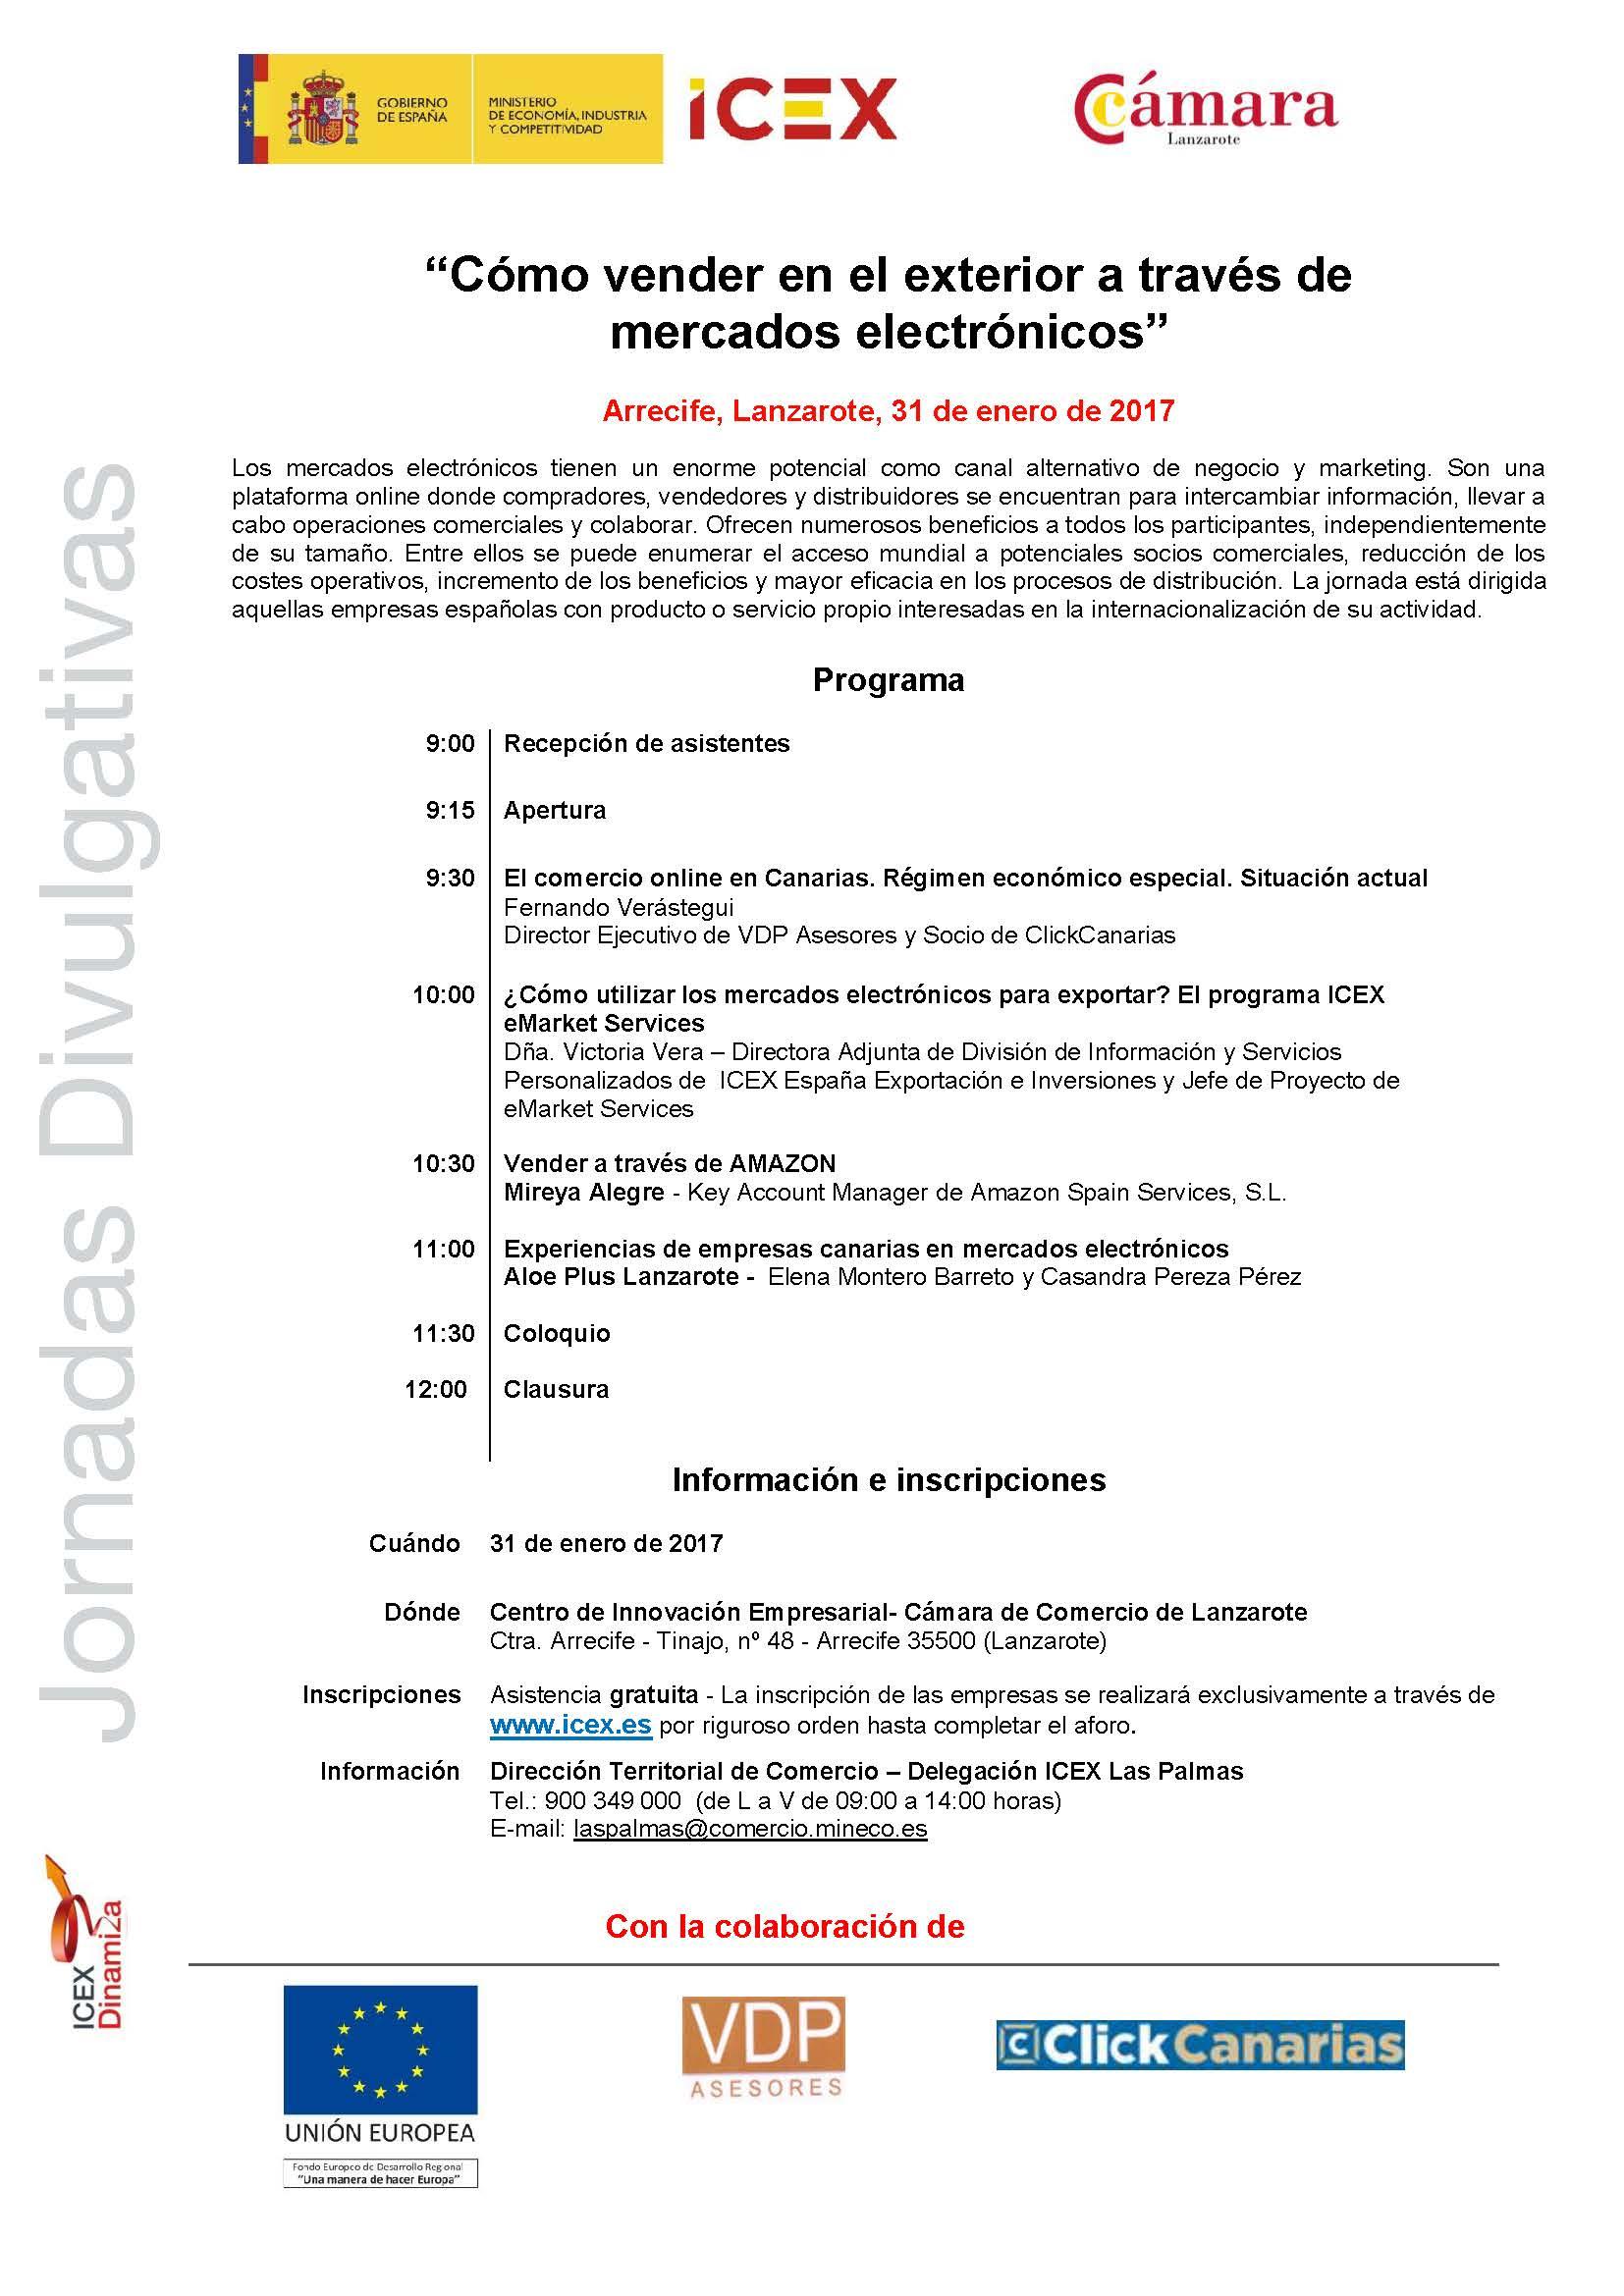 310117_Emarketservices_Programa Lanzarote